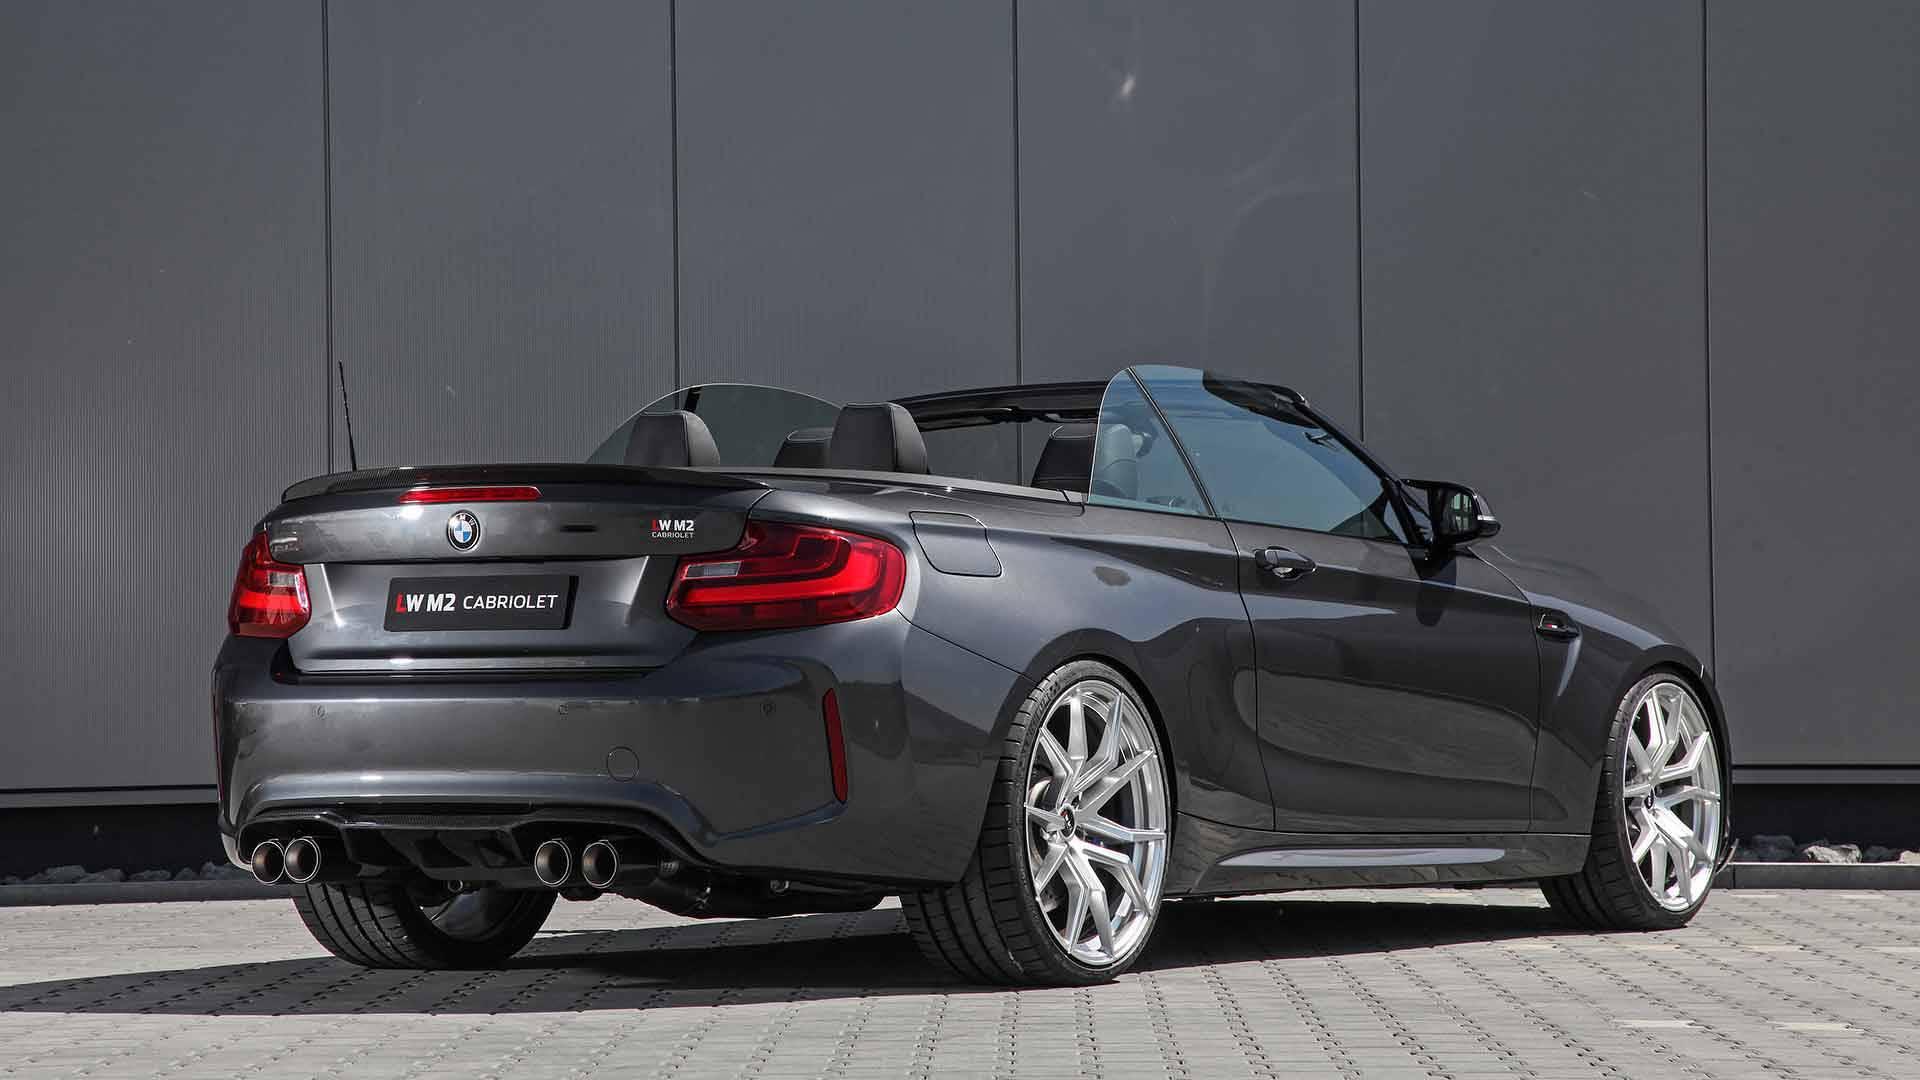 BMW M2 Cabriolet